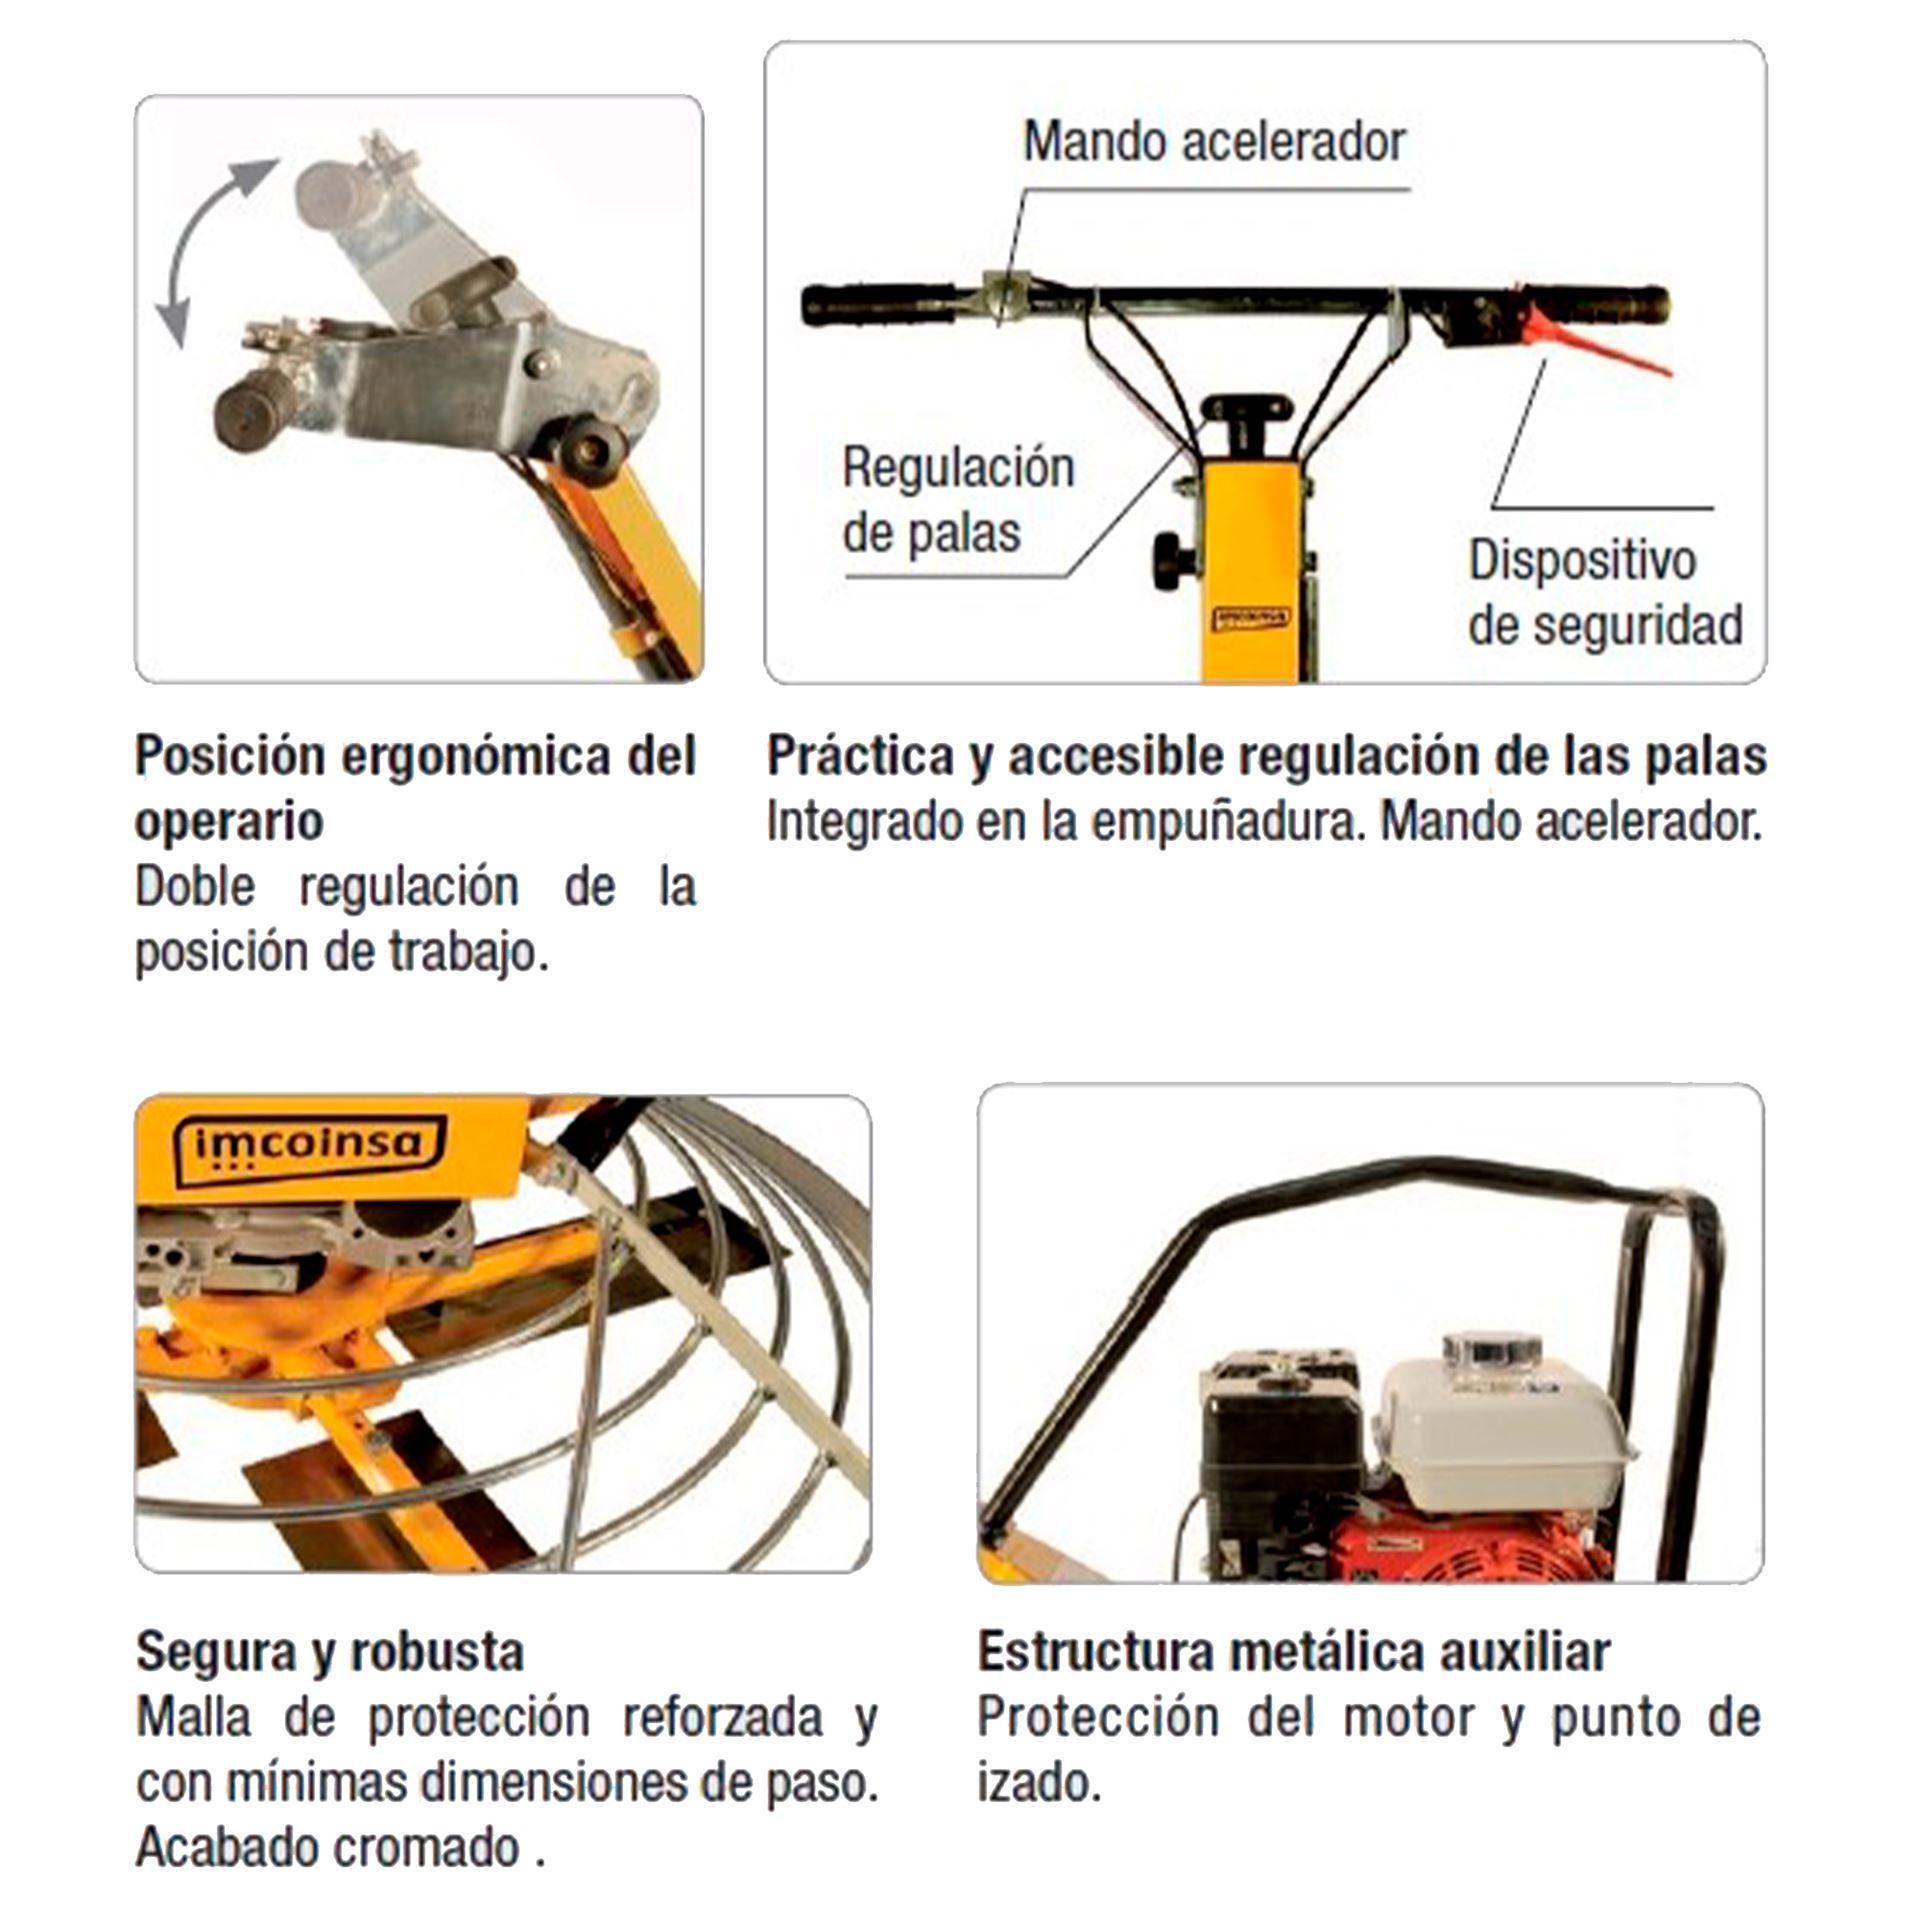 Imagen de Fratasadora hormigón Imcoinsa 2A11 motor Honda 5,5 HP